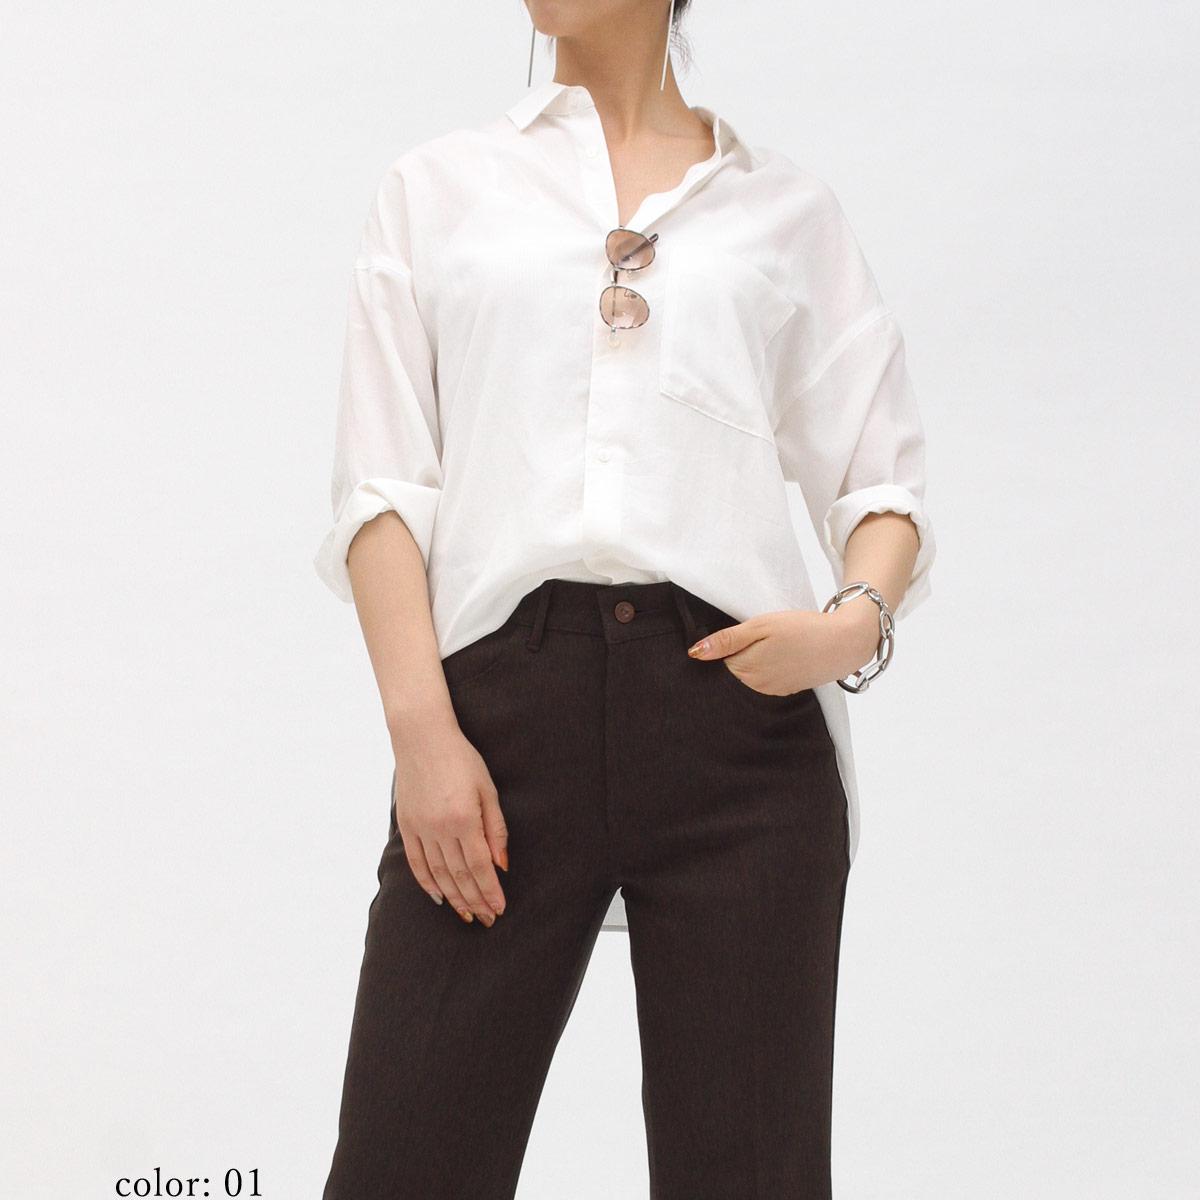 【SALE】AZURITE ミディアムスリーブシャツ SCT116